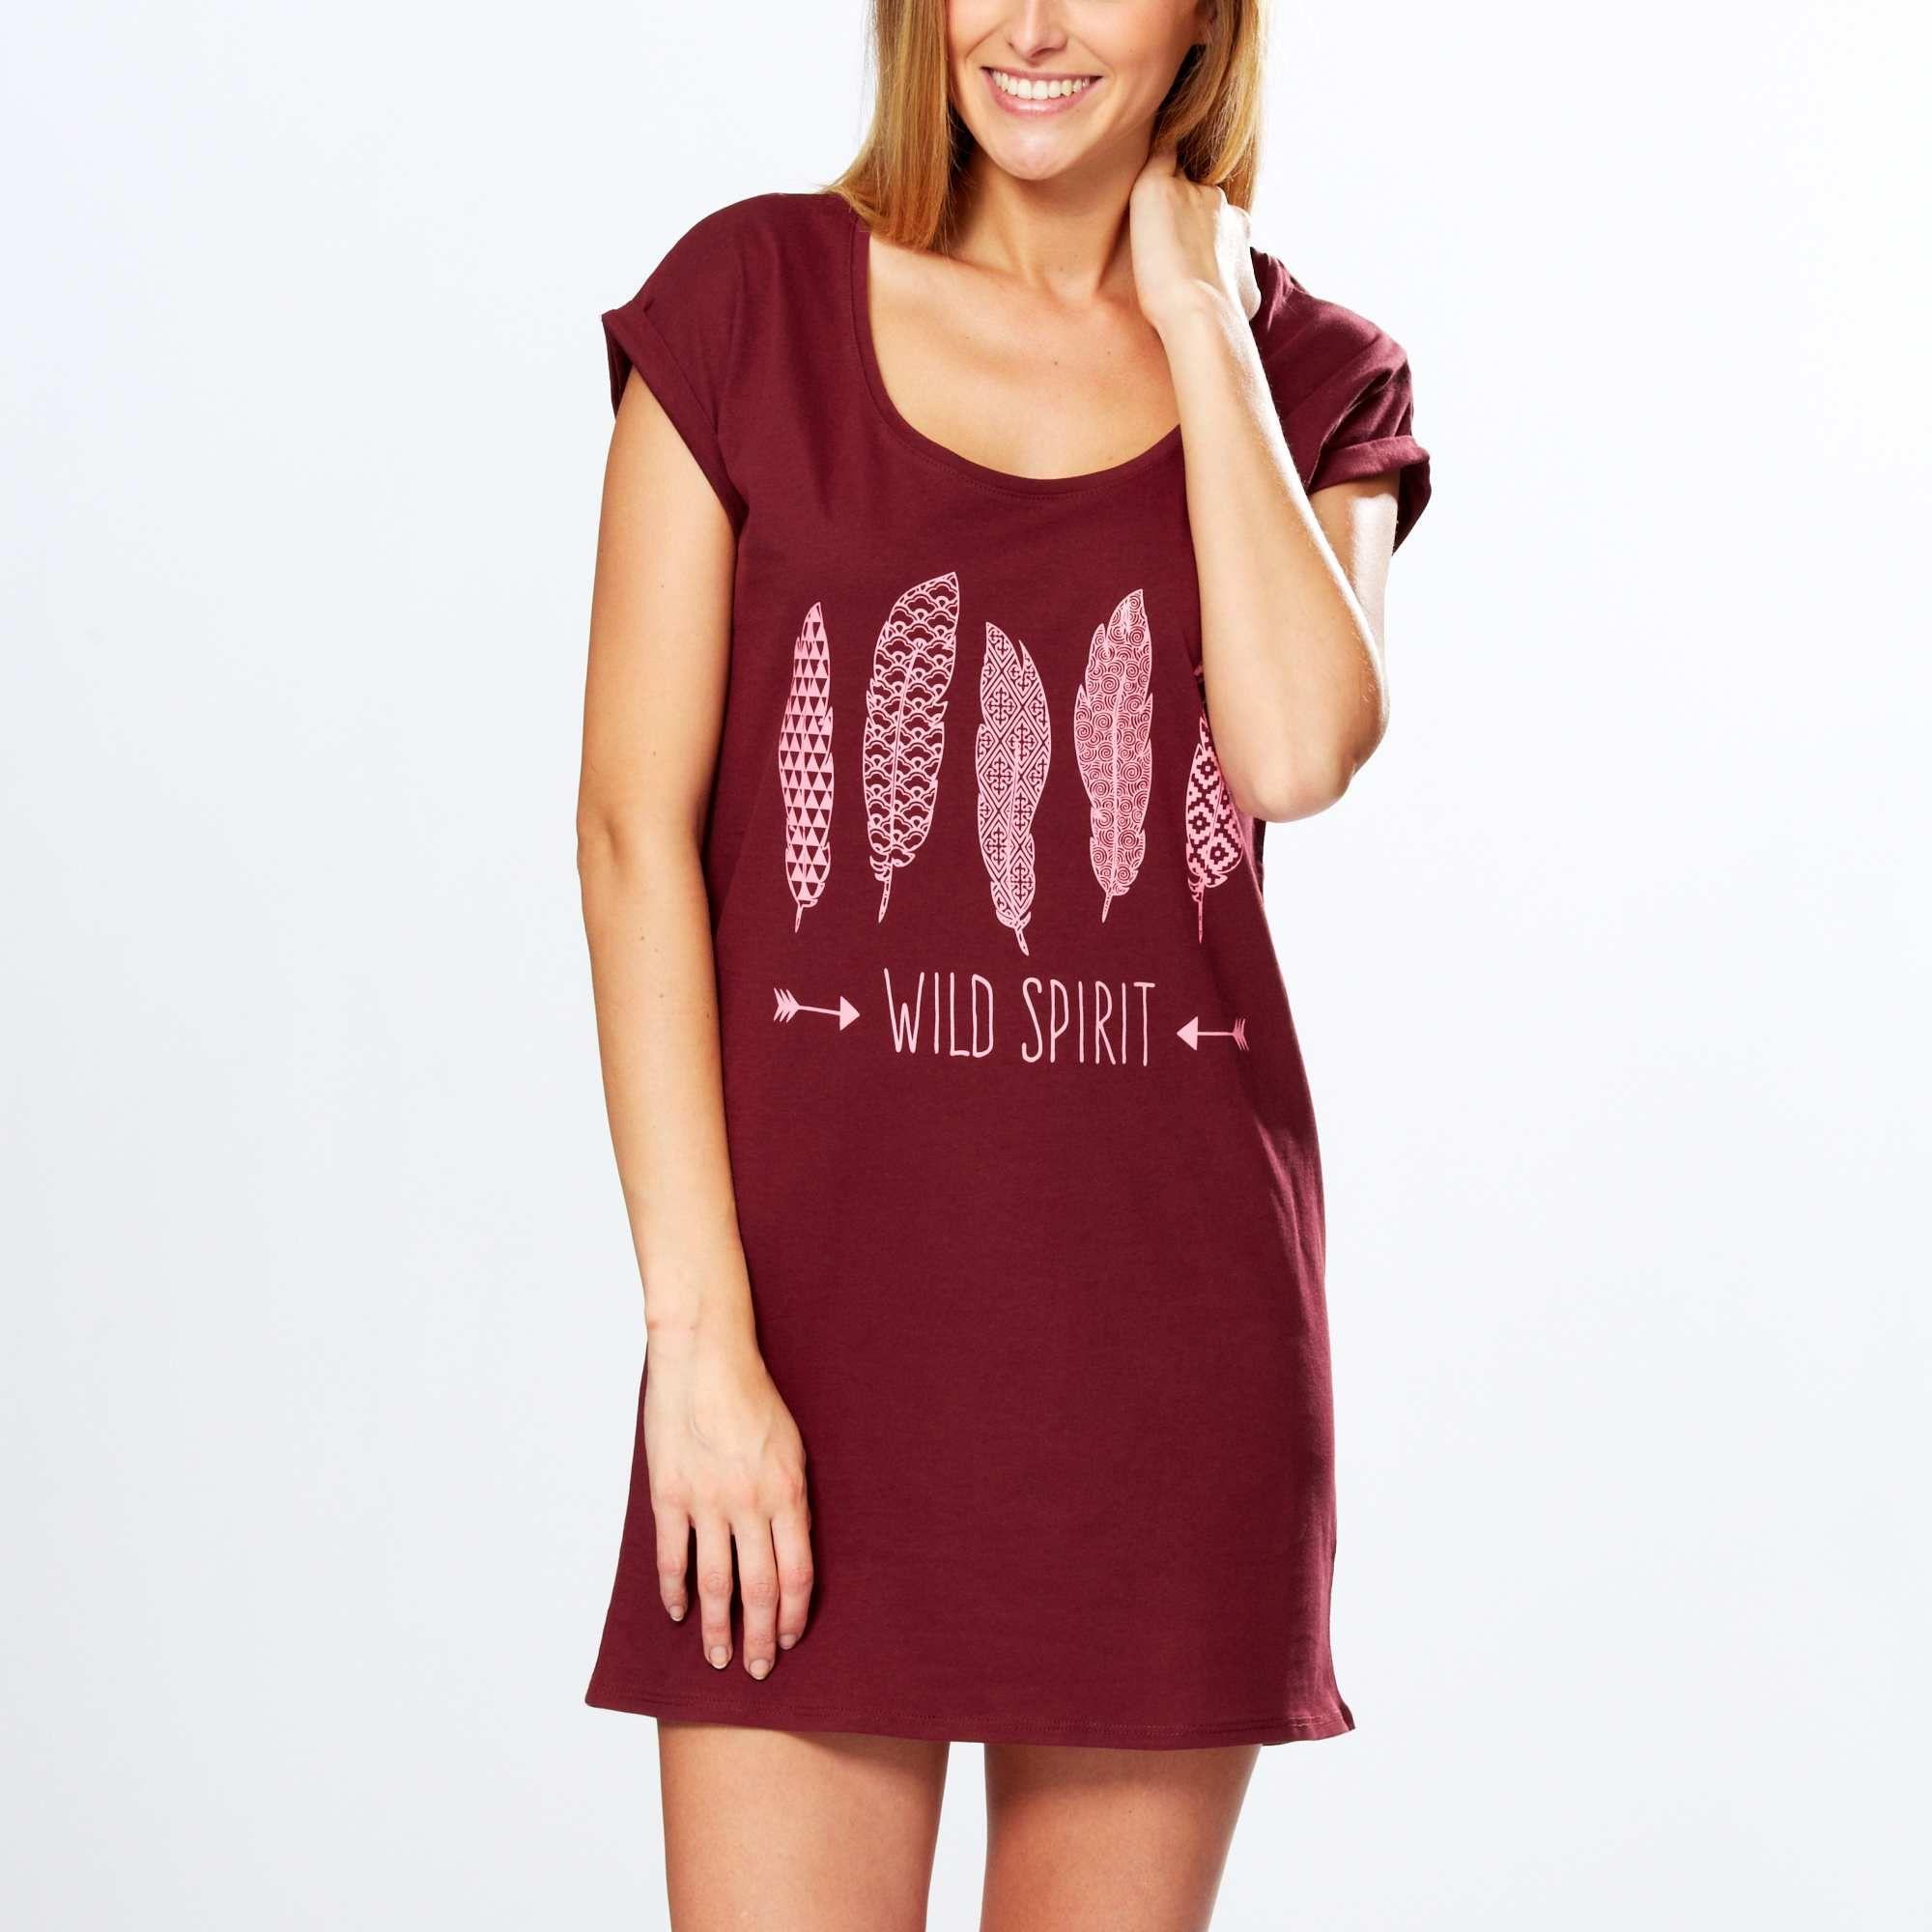 Maxi Tee Shirt De Nuit Imprime Femme Du 34 Au 52 Kiabi 5 00